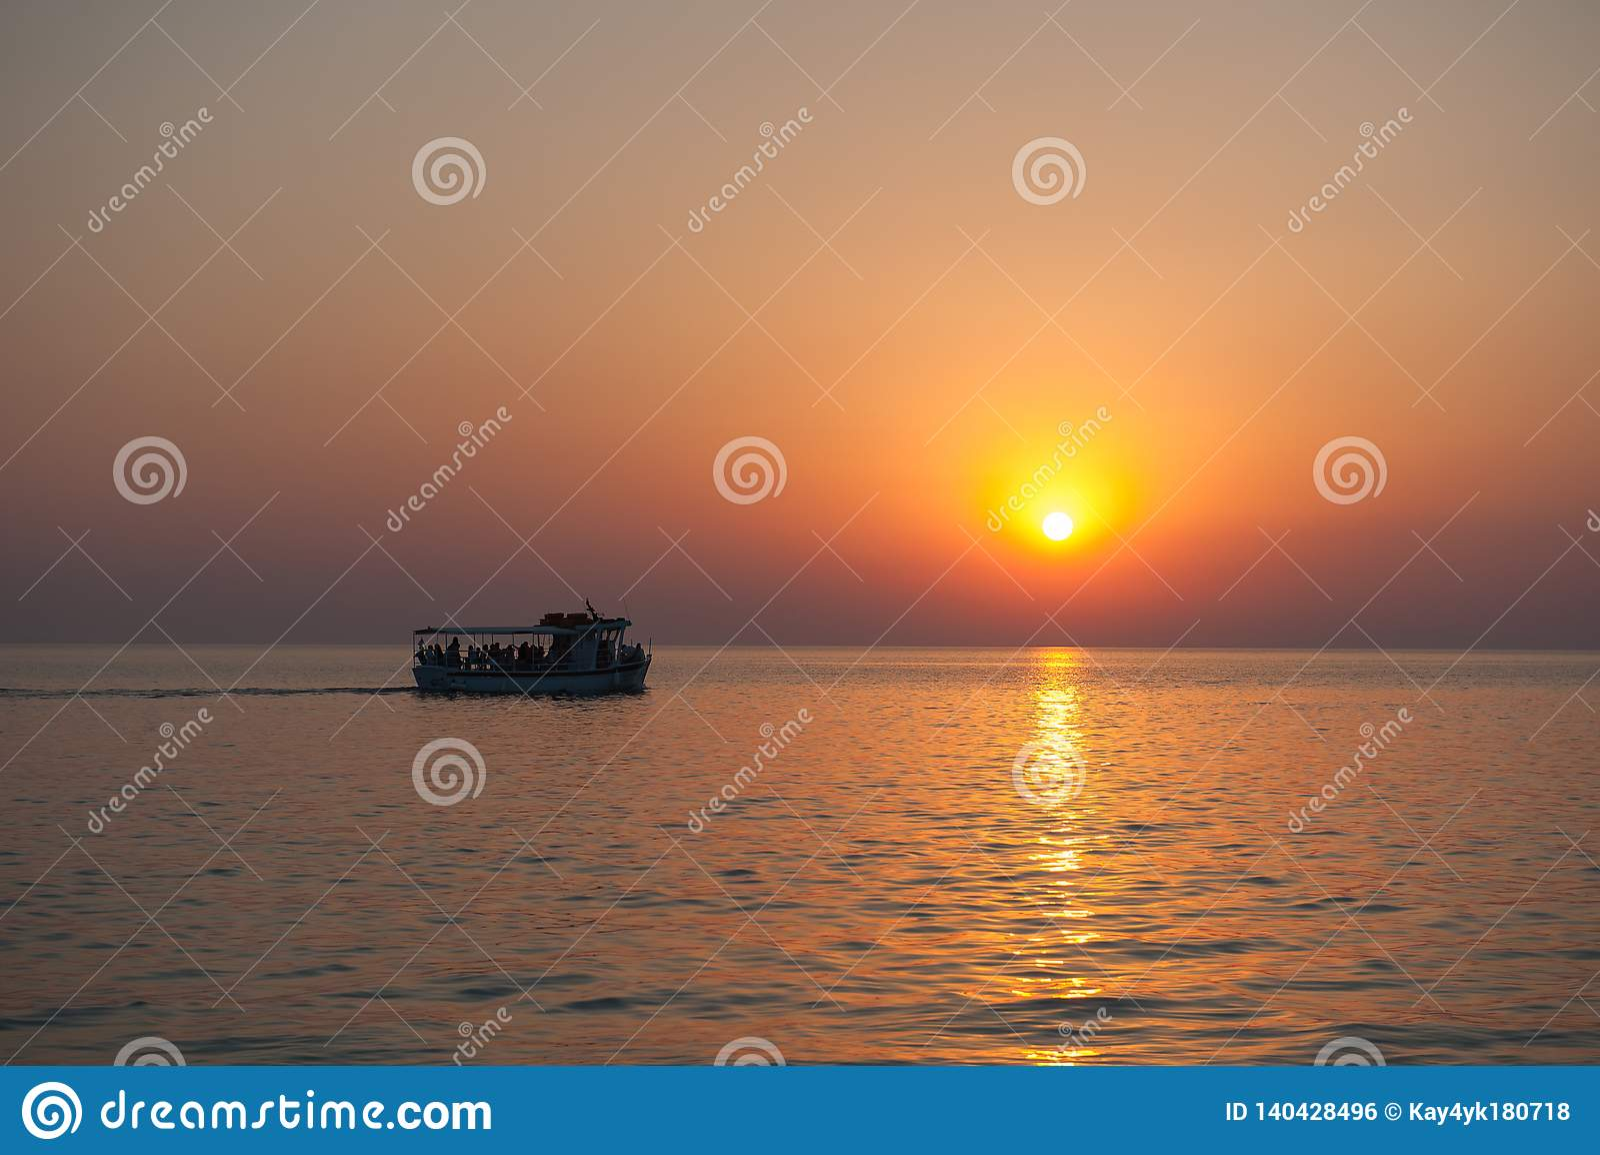 Jacht met toeristen bij zonsondergang met vogels die wegvliegen